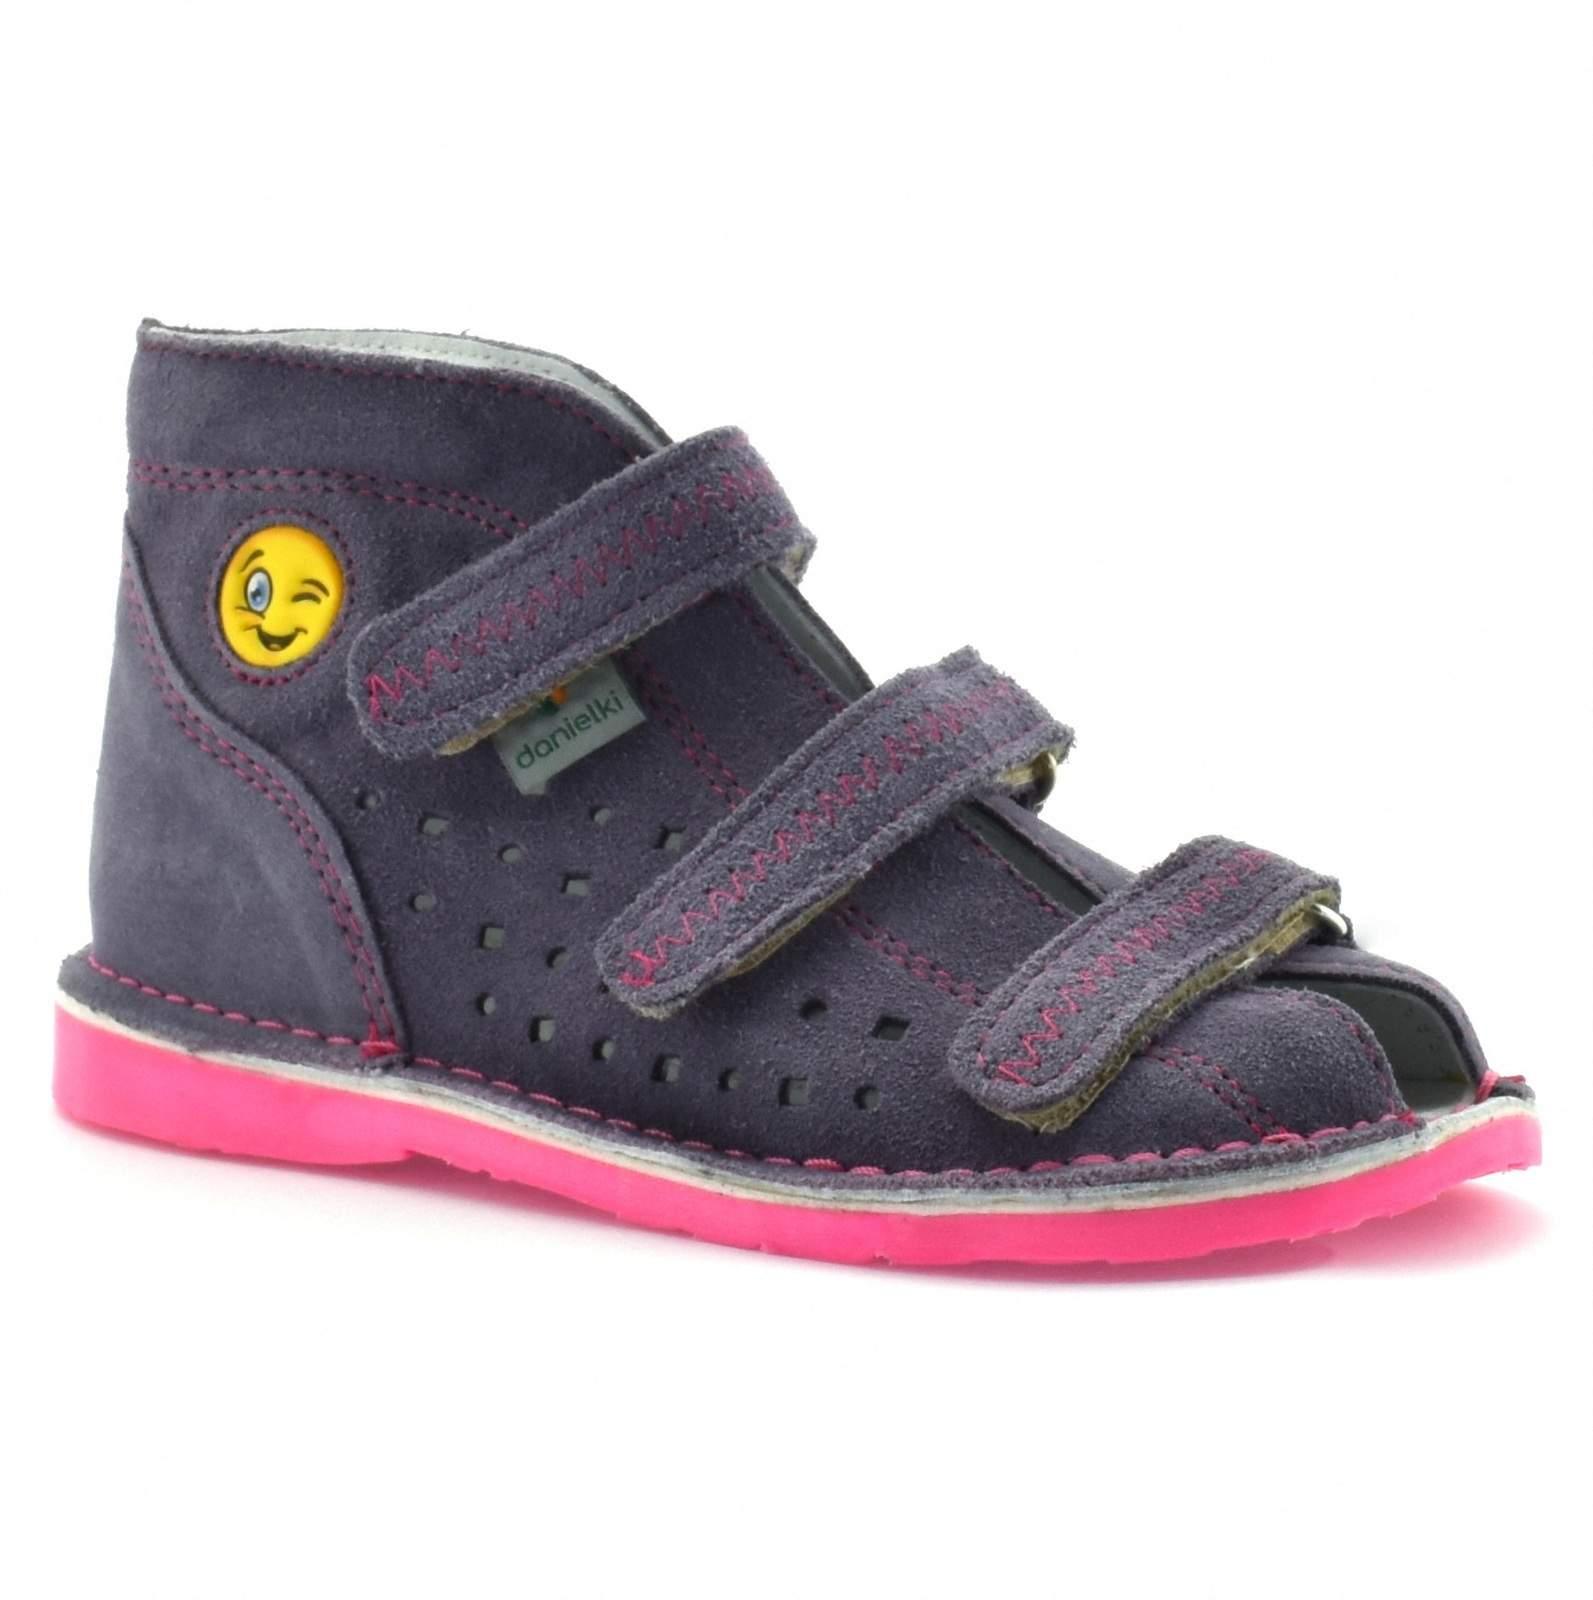 2d57284a Dziecięce buty profilaktyczne Danielki T105E/115E Wrzos Kliknij, aby  powiększyć ...